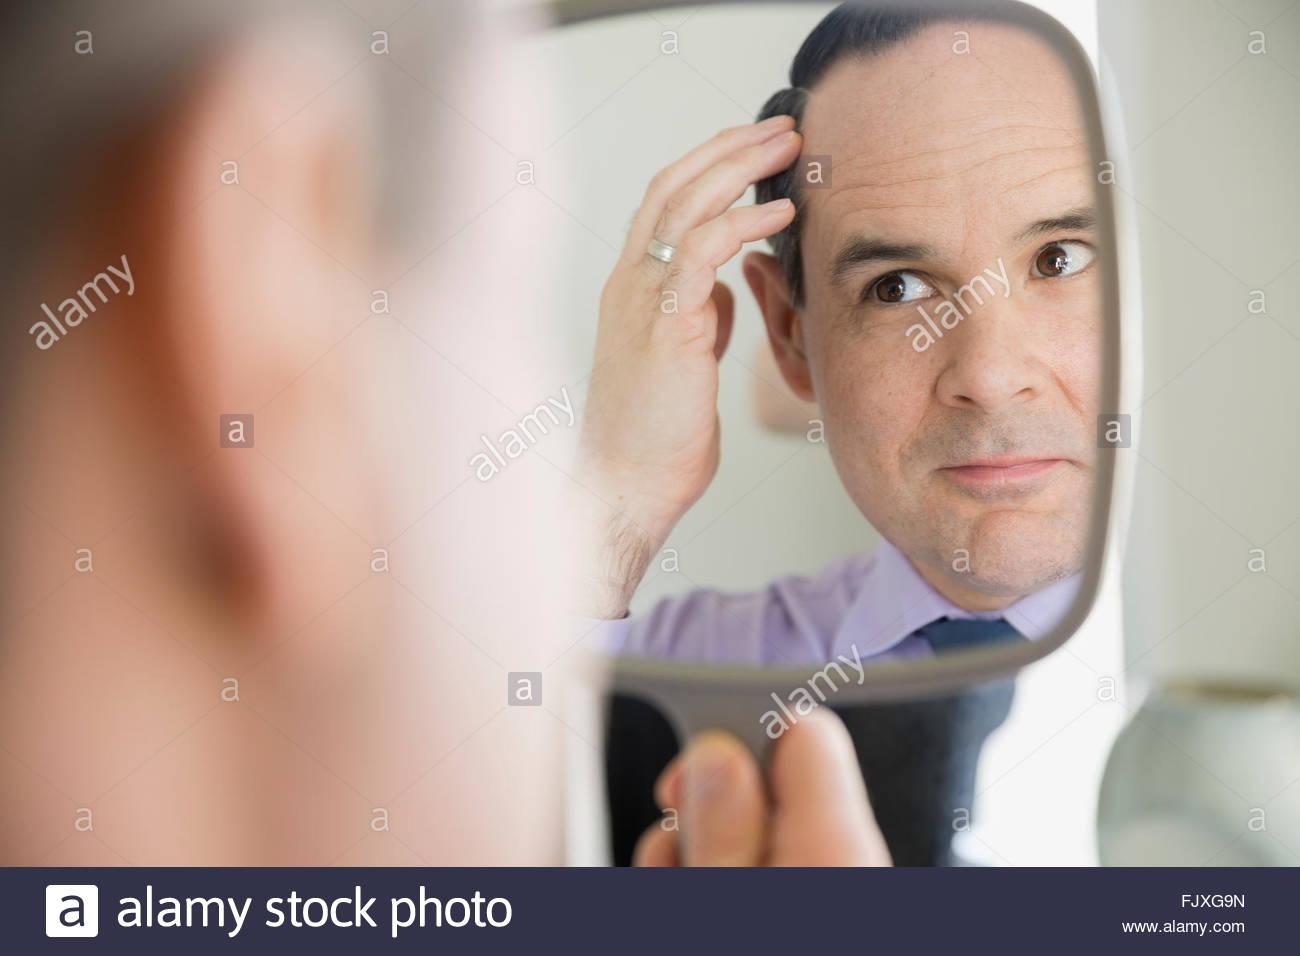 L'uomo controllare i capelli in mano lo specchio Immagini Stock